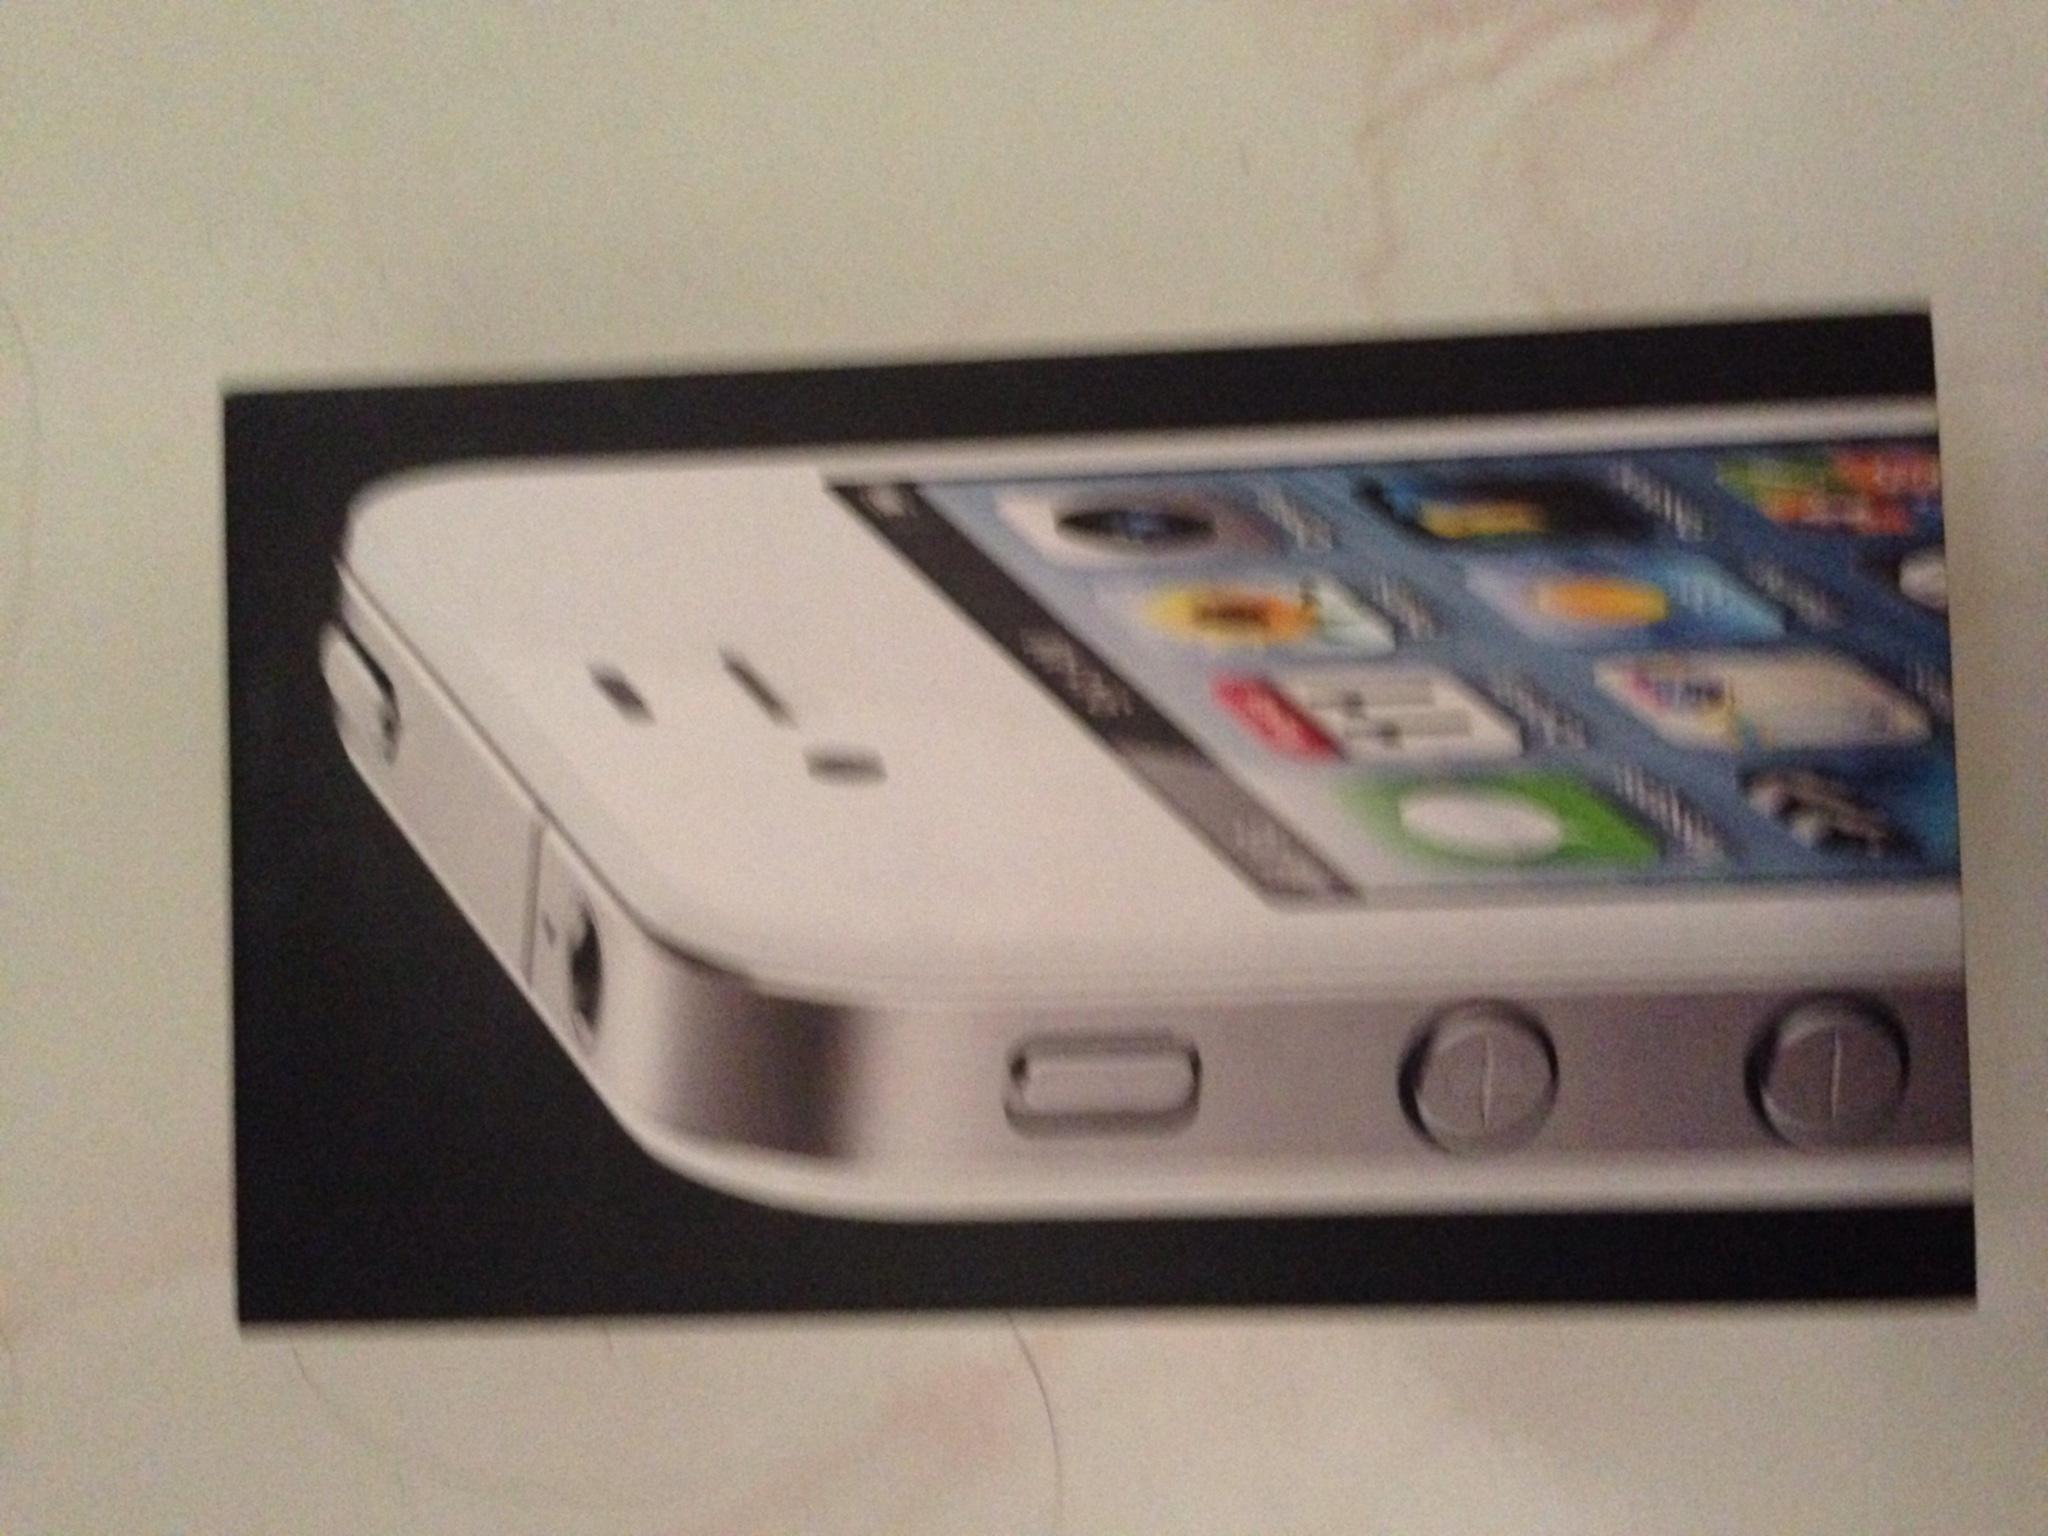 Harga Iphone 4 8Gb 5Mp Putih